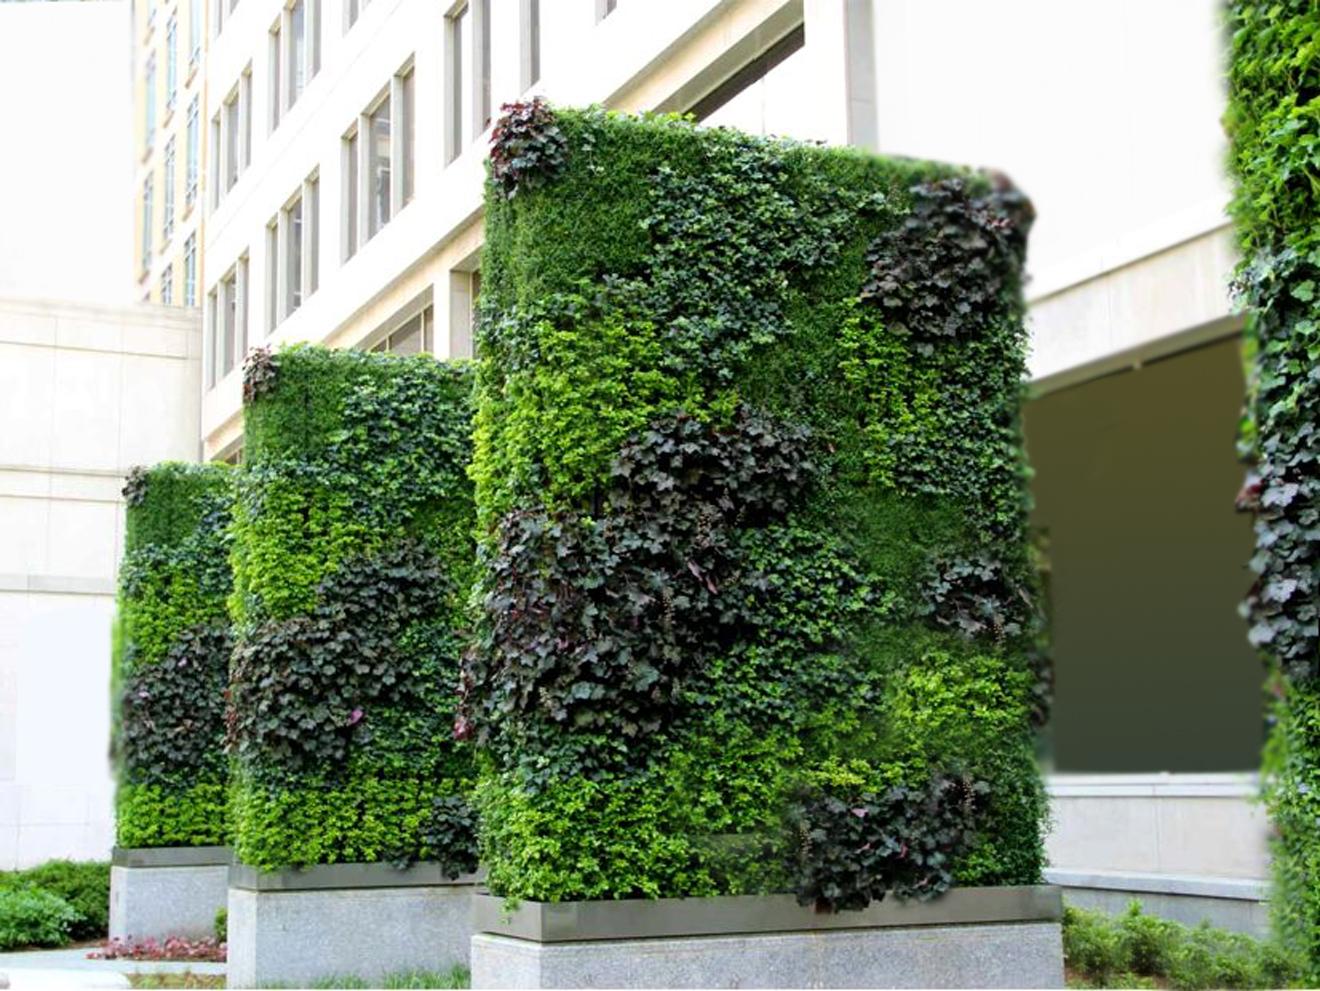 World Class Green Wall Vertical Garden by Technic Garden ...